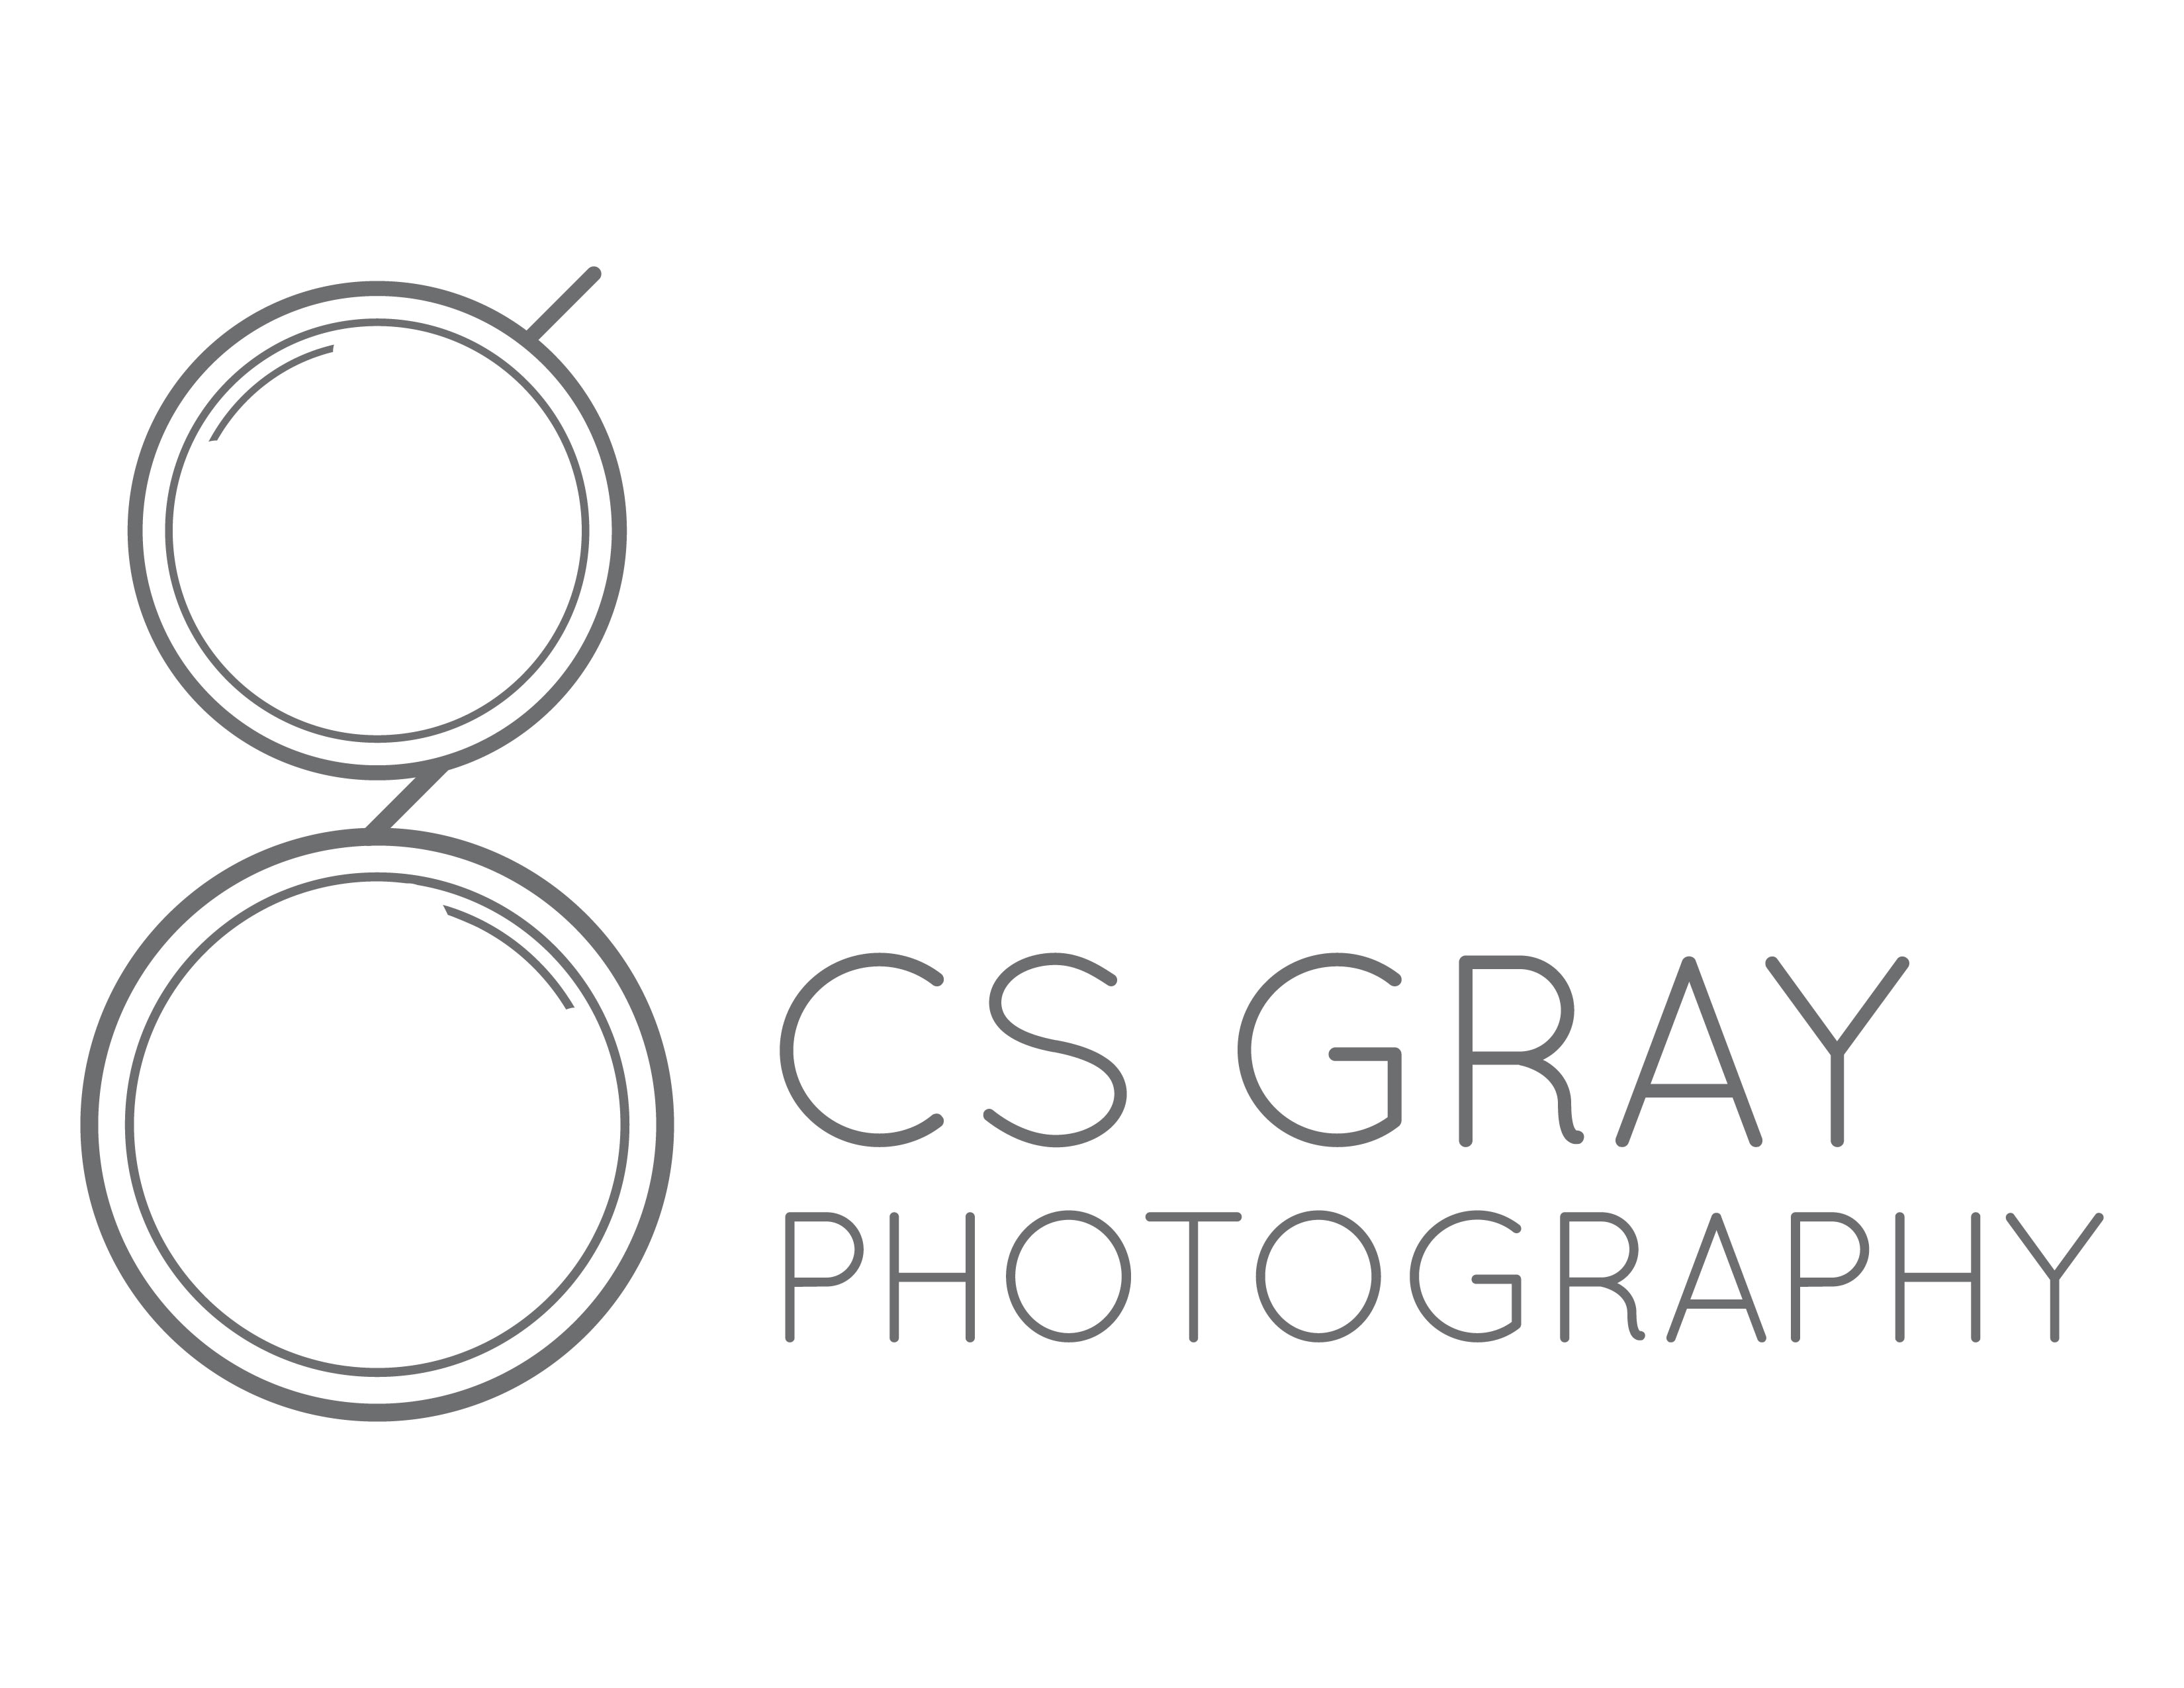 csgrayphoto